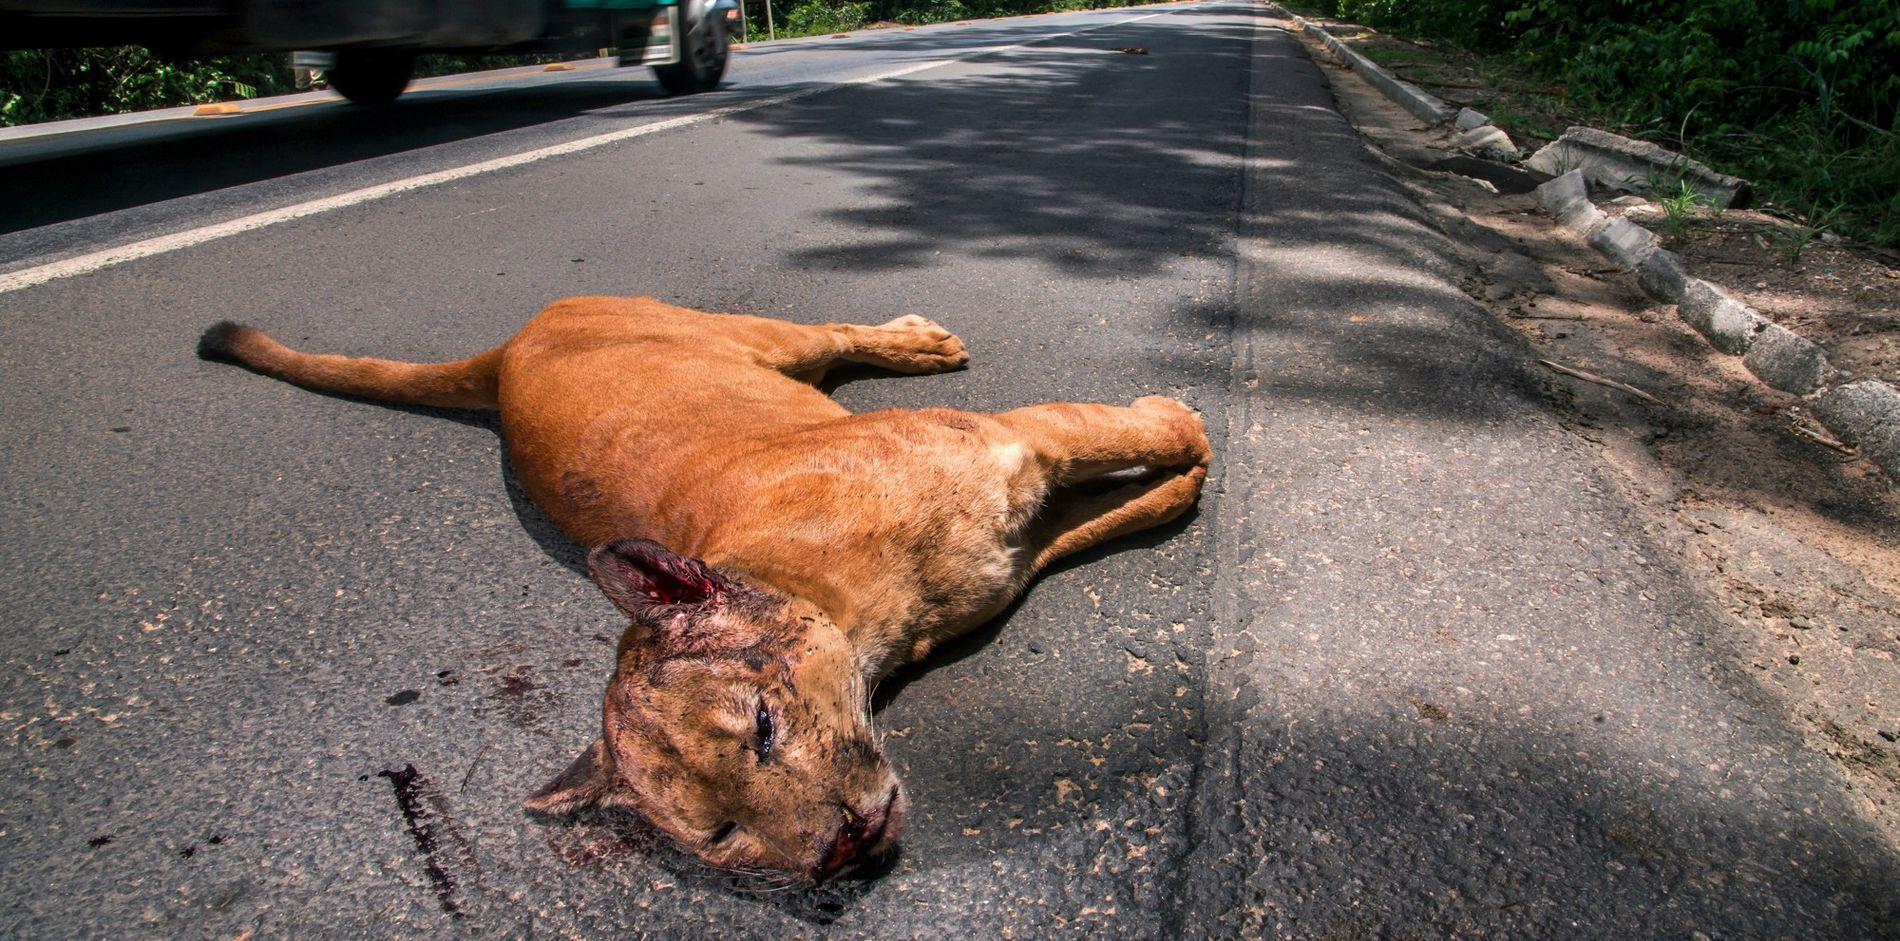 atropelamentos-anta-felinos-estradas-rodovias